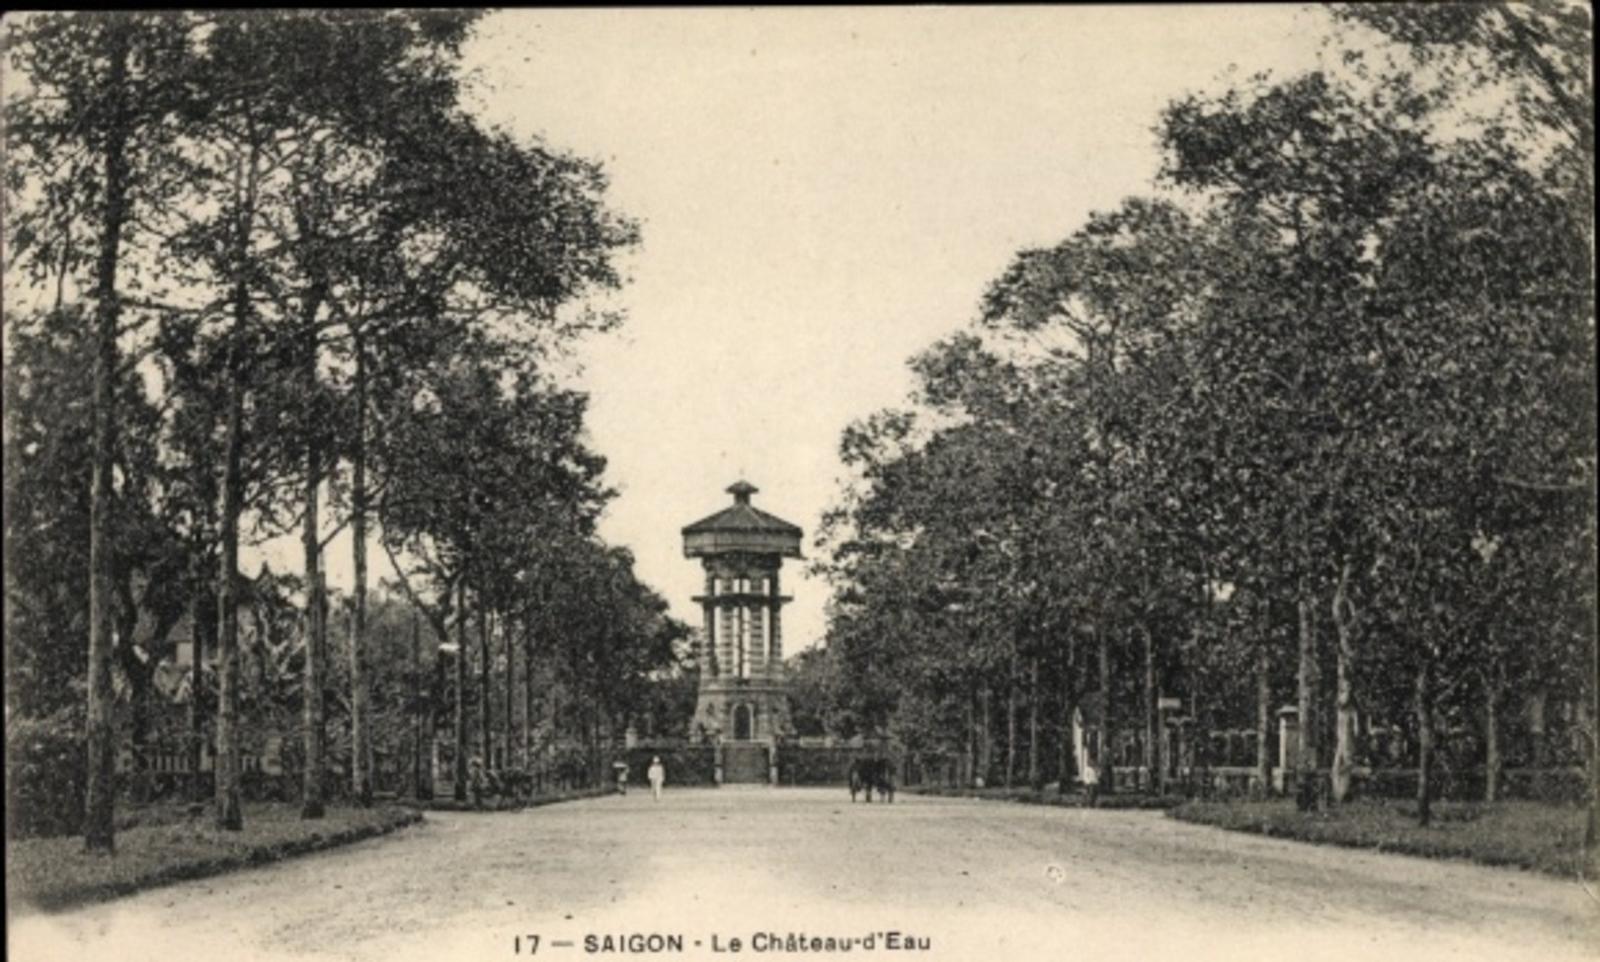 Hô Chi Minh-Ville -  Cp Saigon Cochinchine Vietnam, Le Château d'Eau